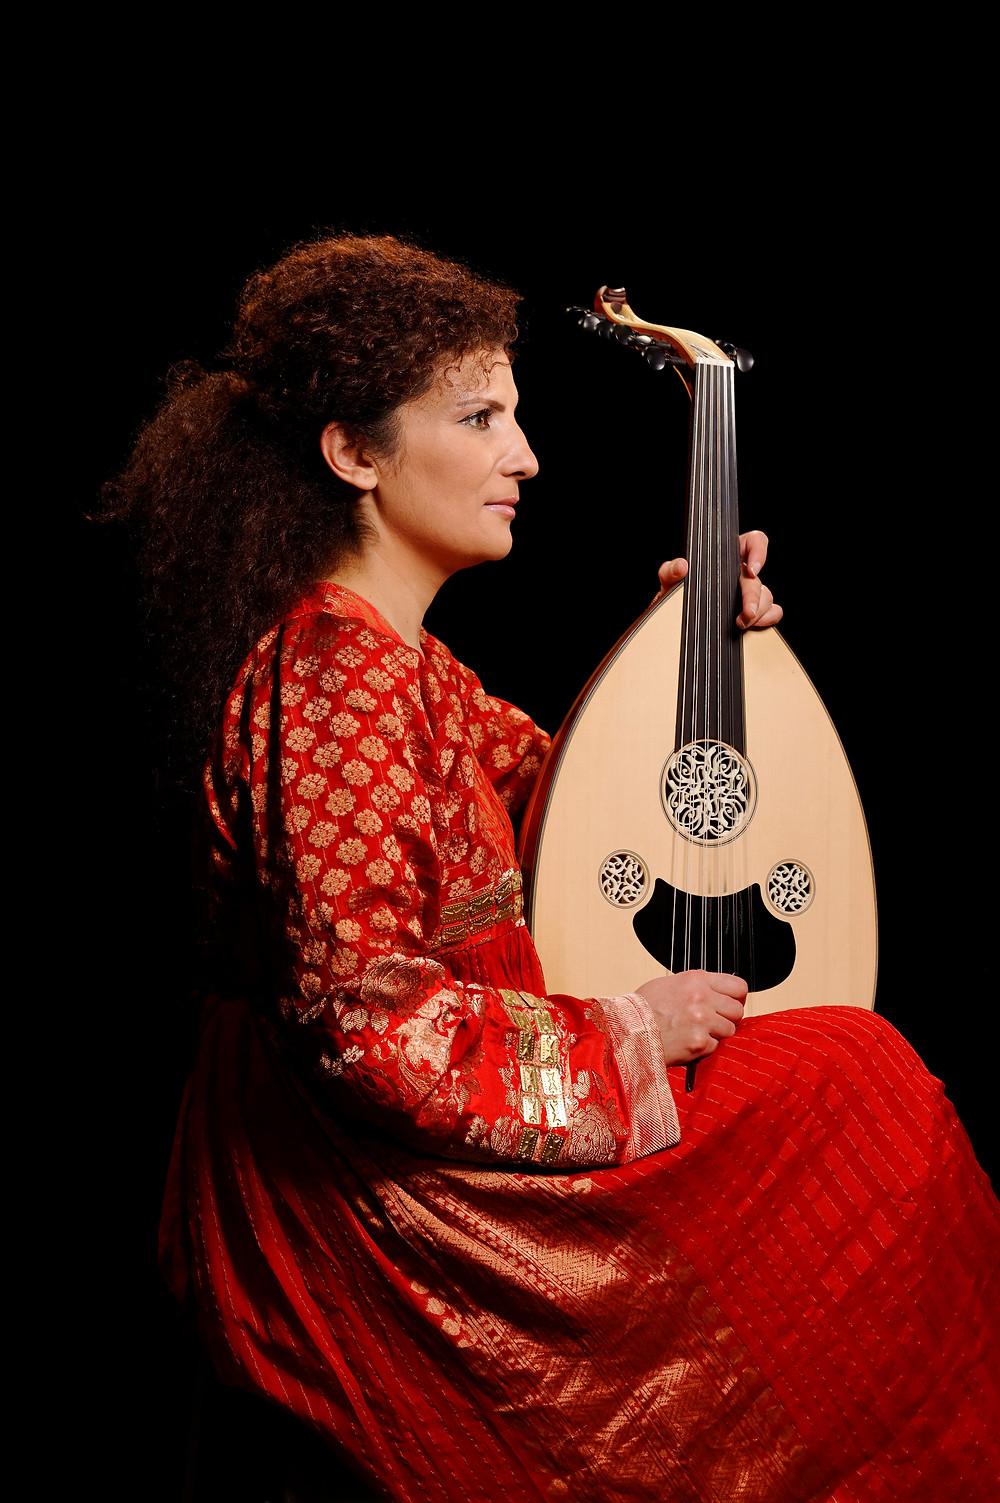 وعد بوحسون مواليد (1979) ملحنة ومغنية وعازفة عود سورية من جبل العرب